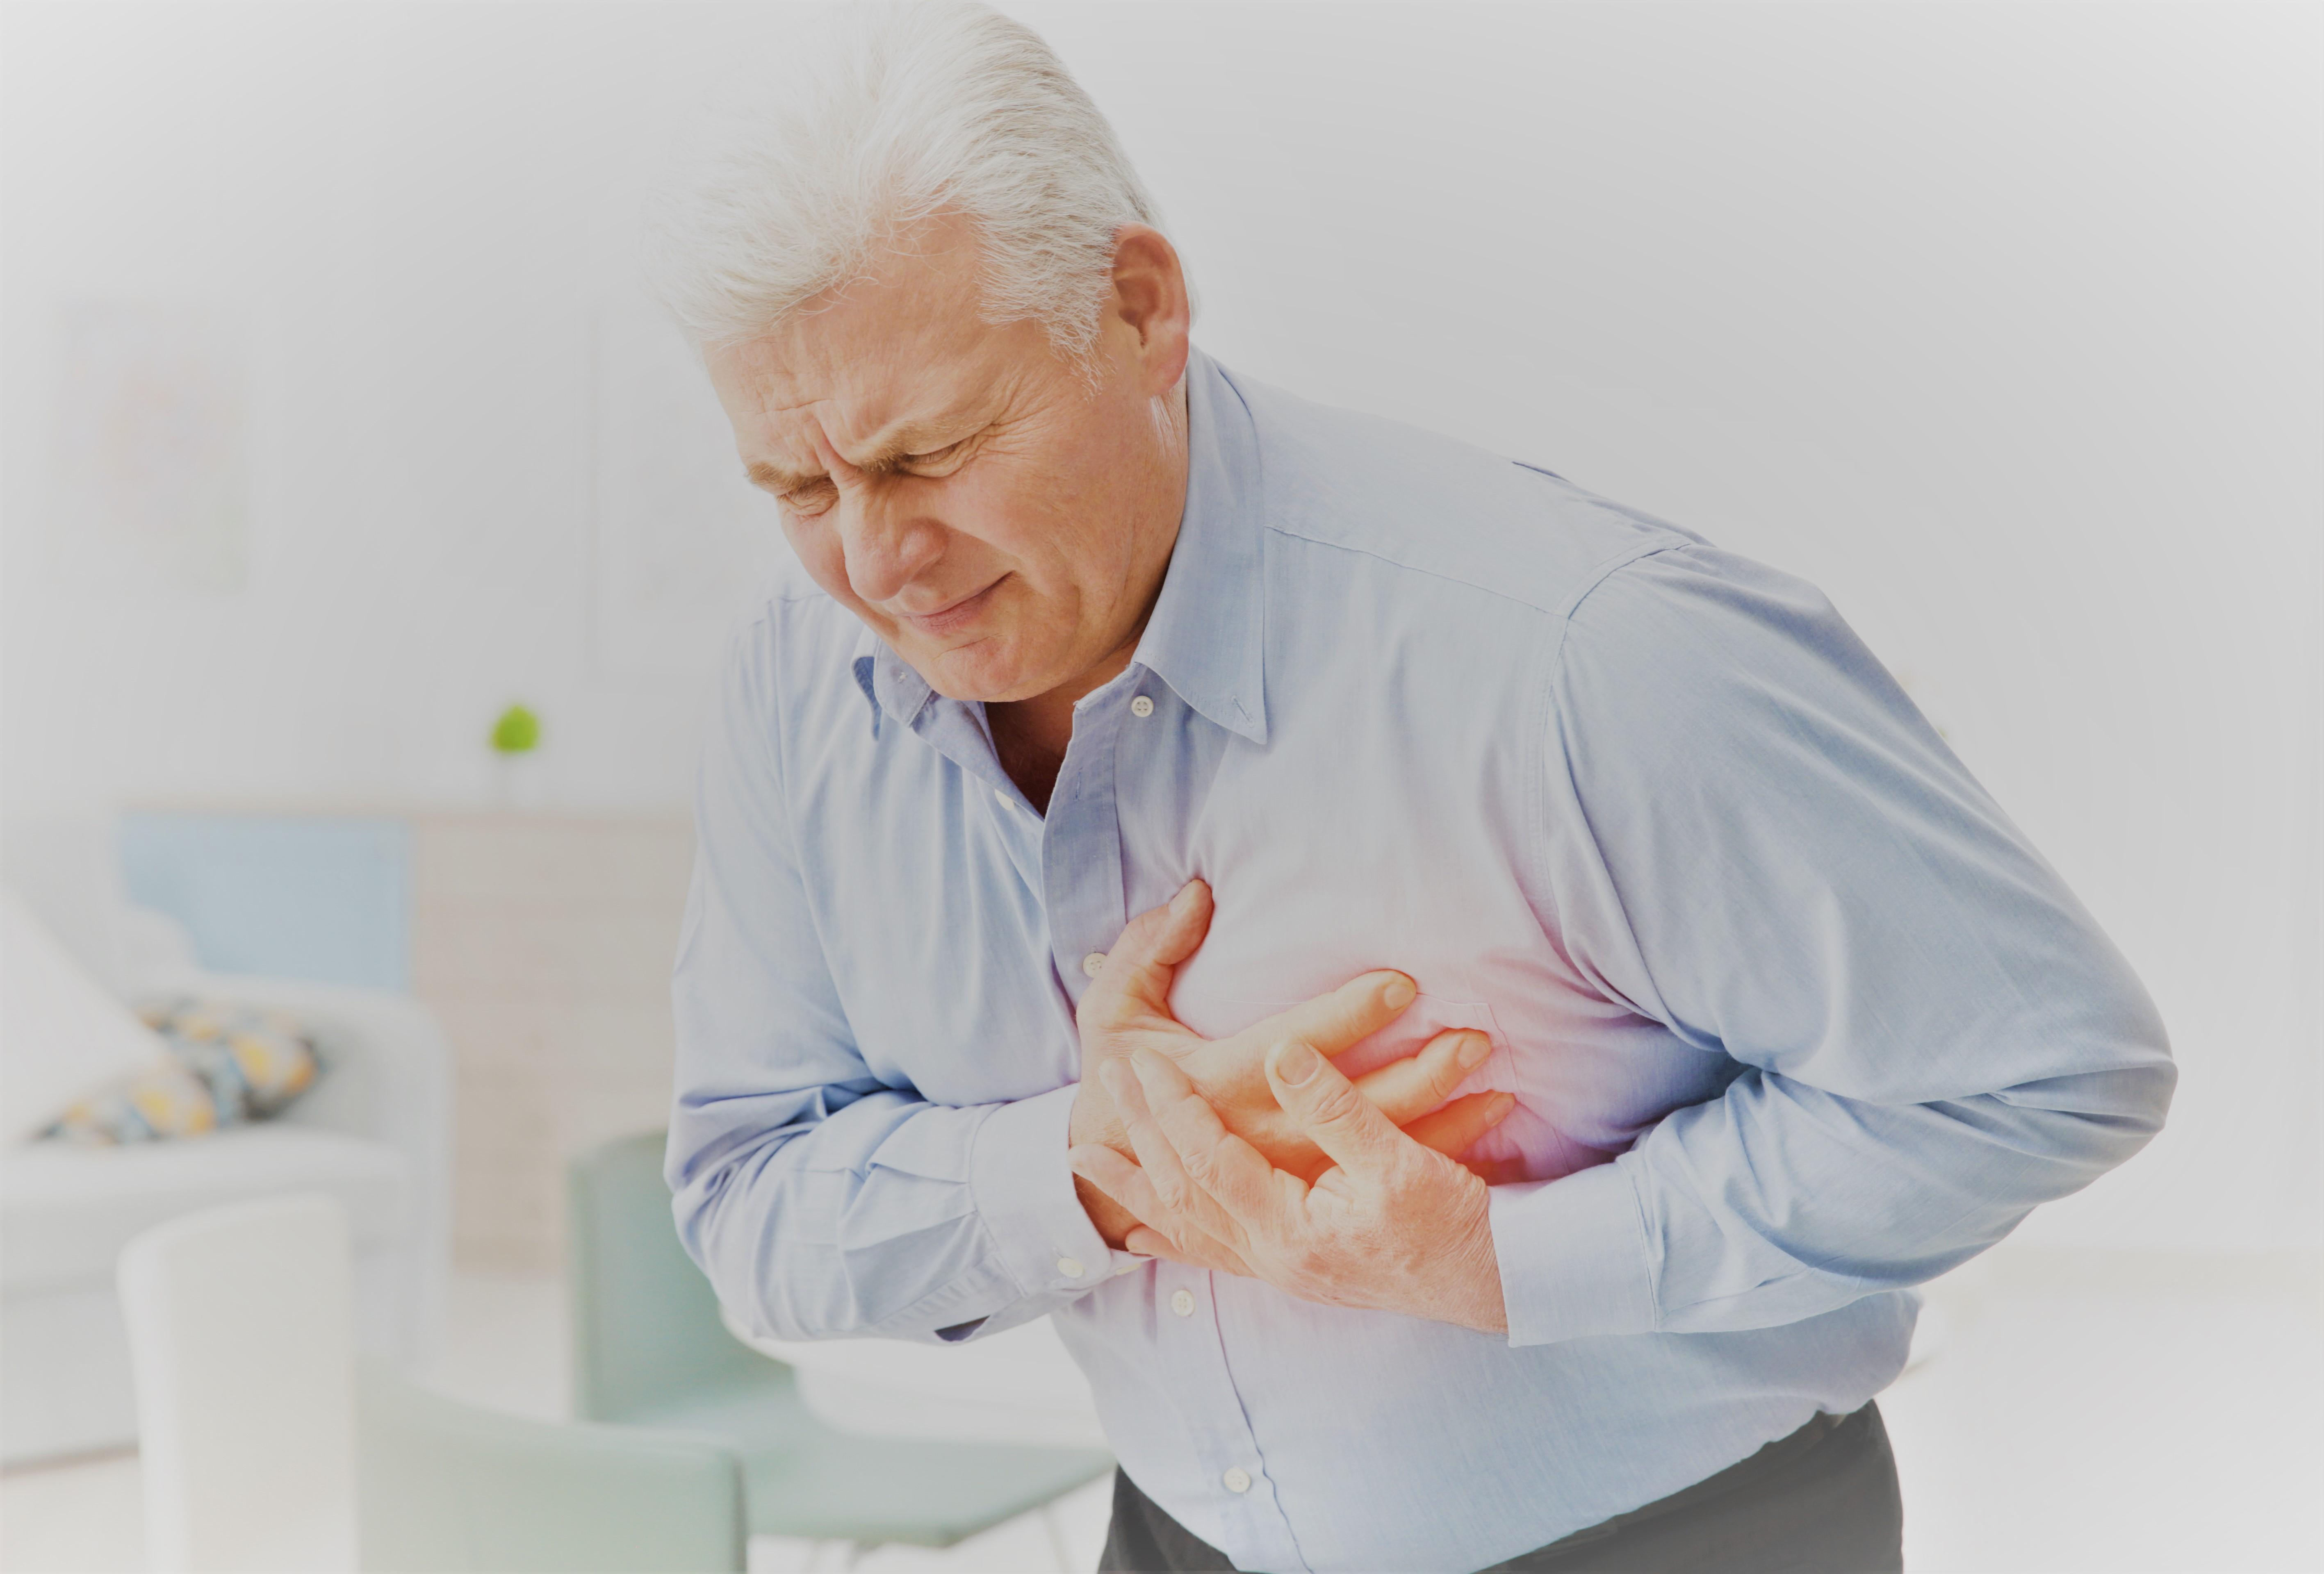 izületi gyulladás kezelése természetesen gyulladásgátló gyógyszerek olcsók, de hatásosak az ízületekre